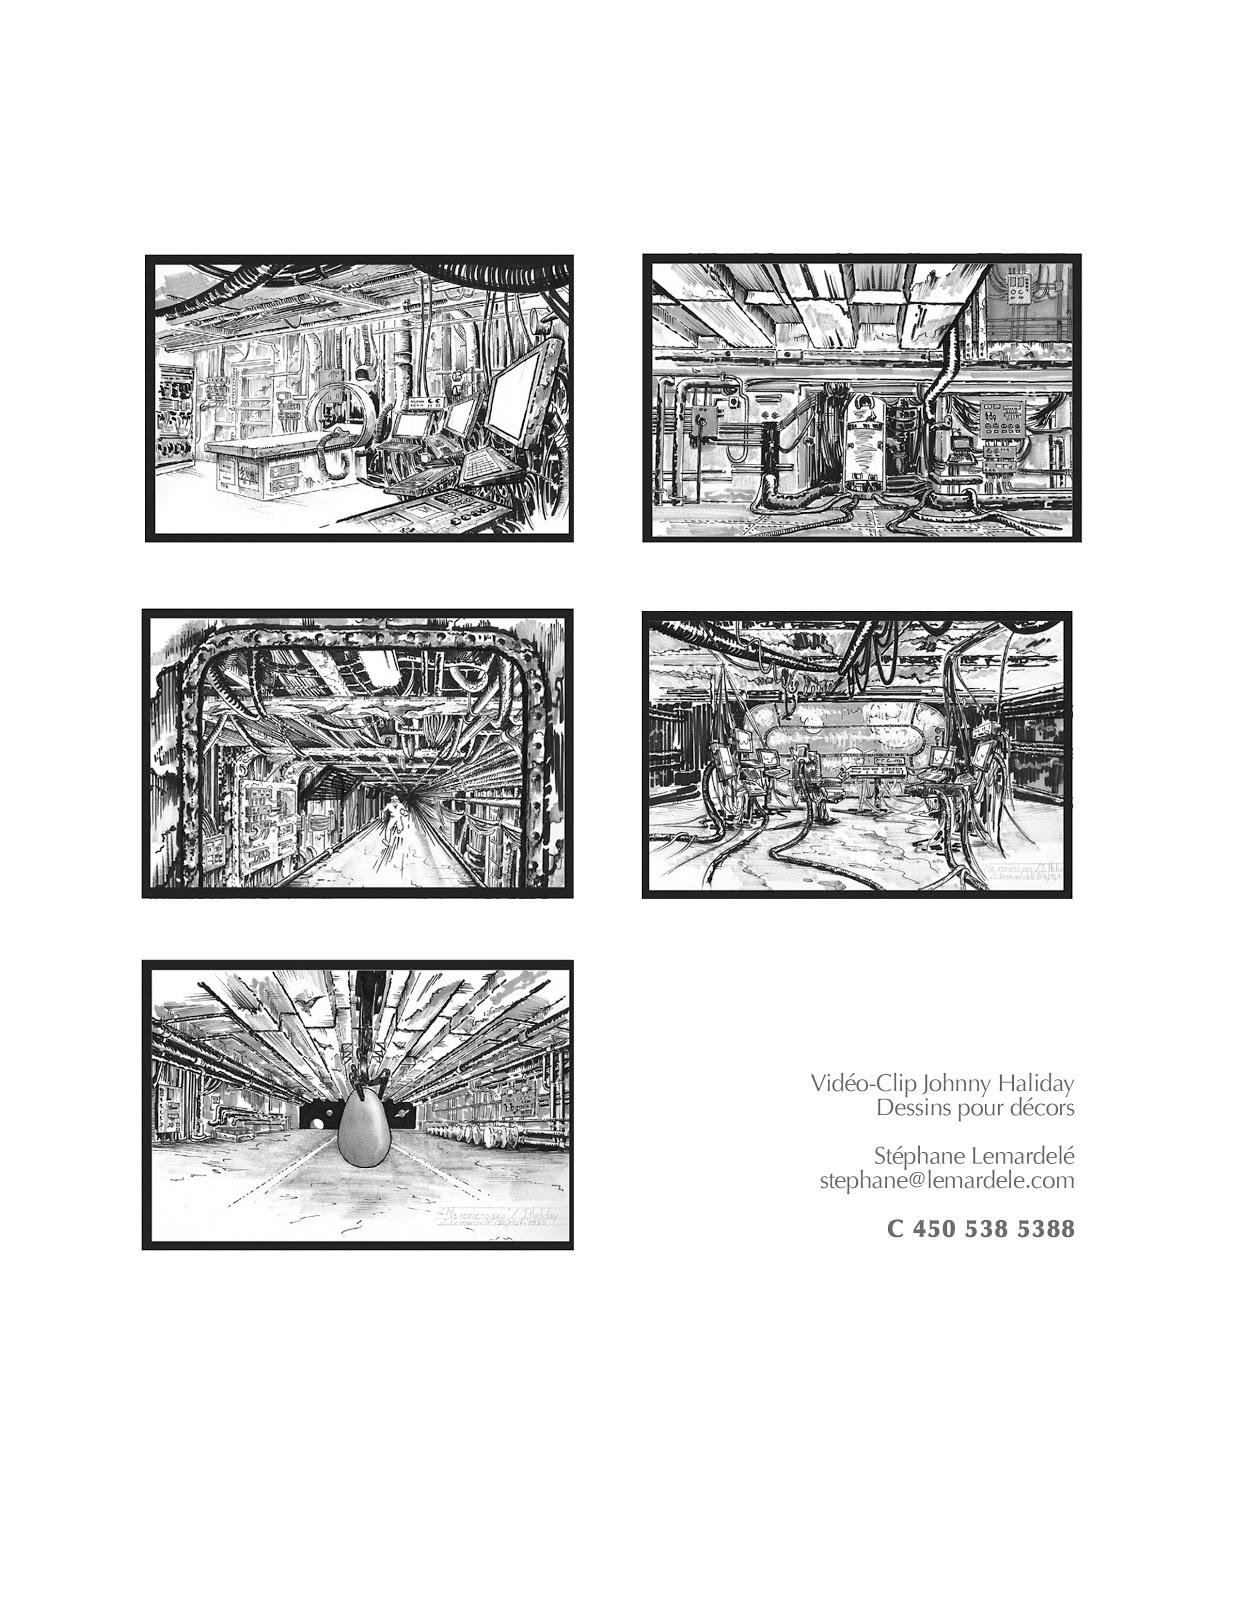 Johnny Haliday (dessins de décors pour vidéo-clip)